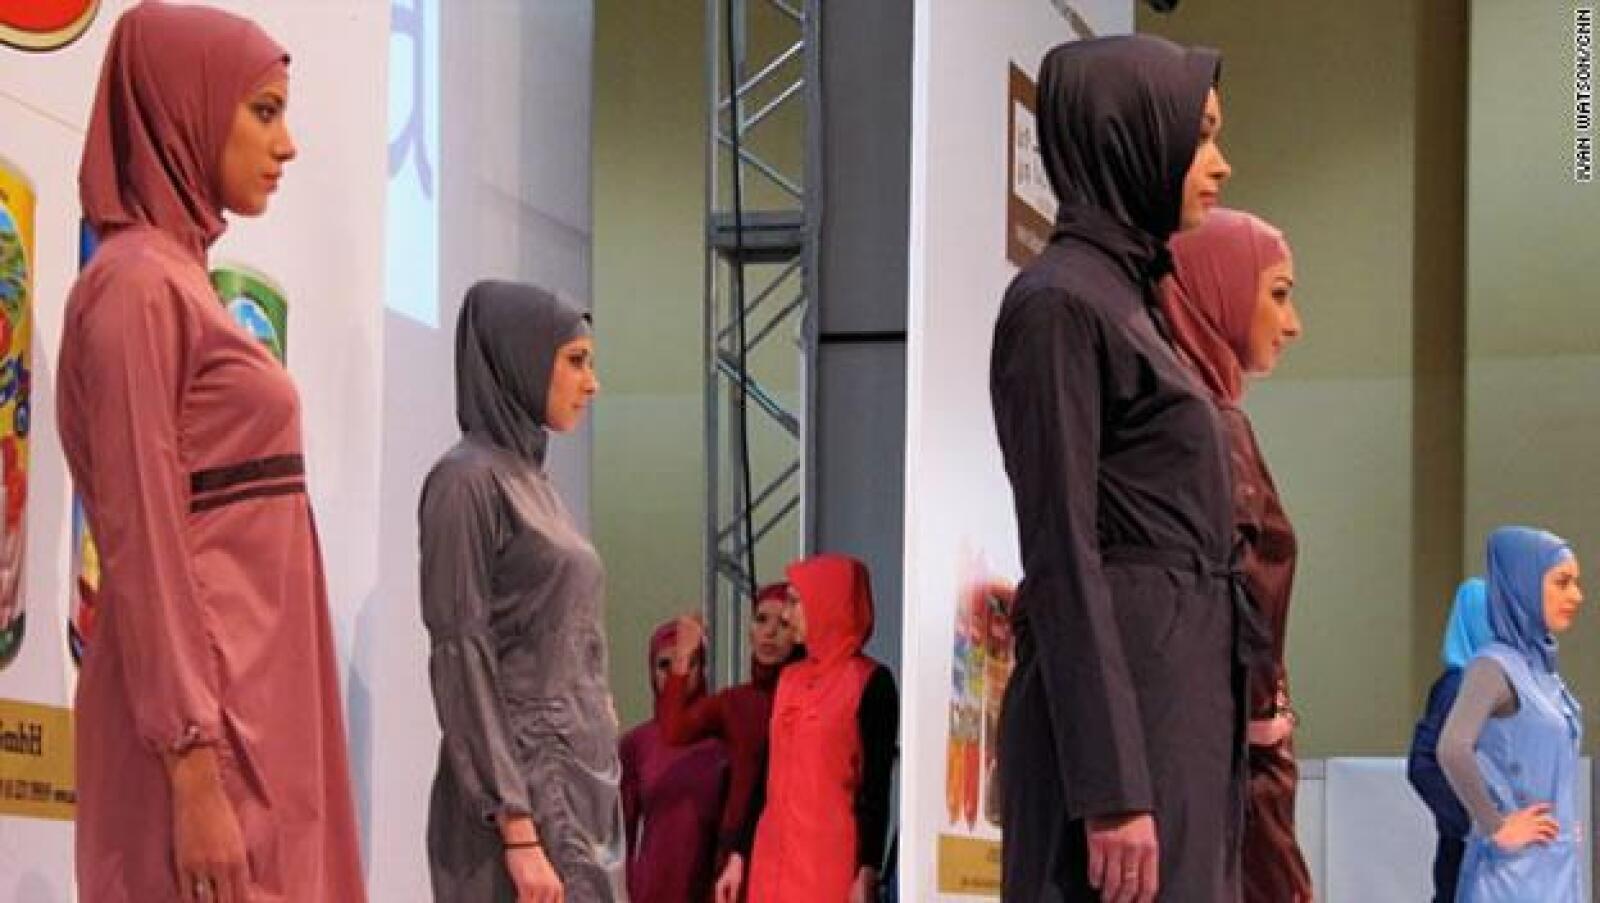 Diseñadores afirman que la industria de la moda musulmán ha crecido en diversidad a partir de la introducción de colores brillantes y diseños deslumbrantes